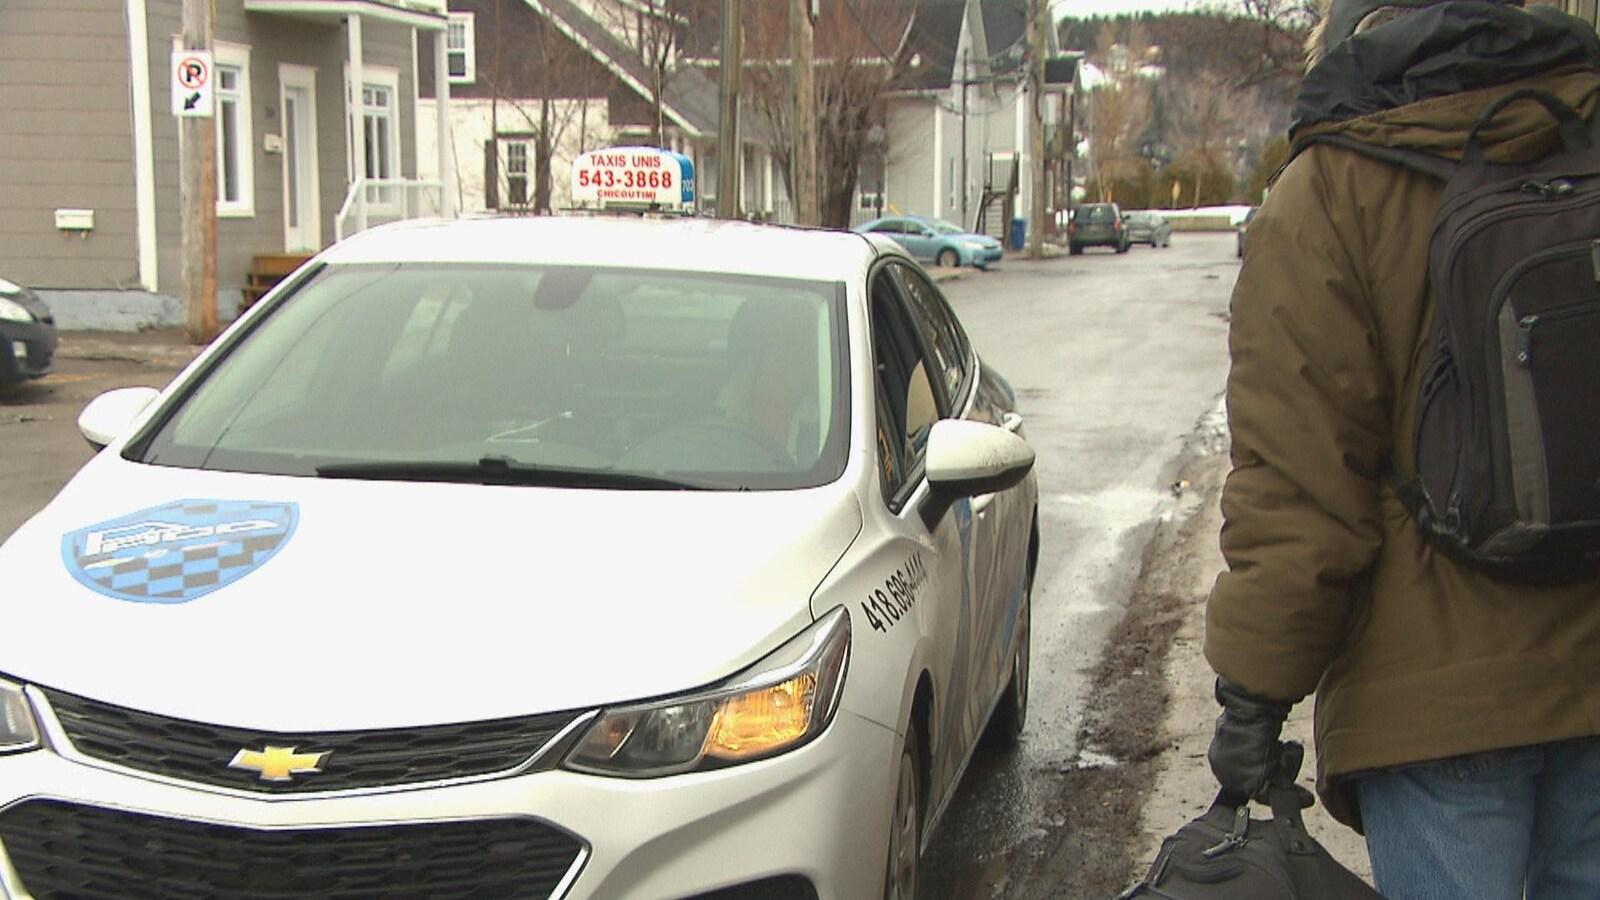 Un homme attend sur le bord de la rue avant de monter dans un taxi.